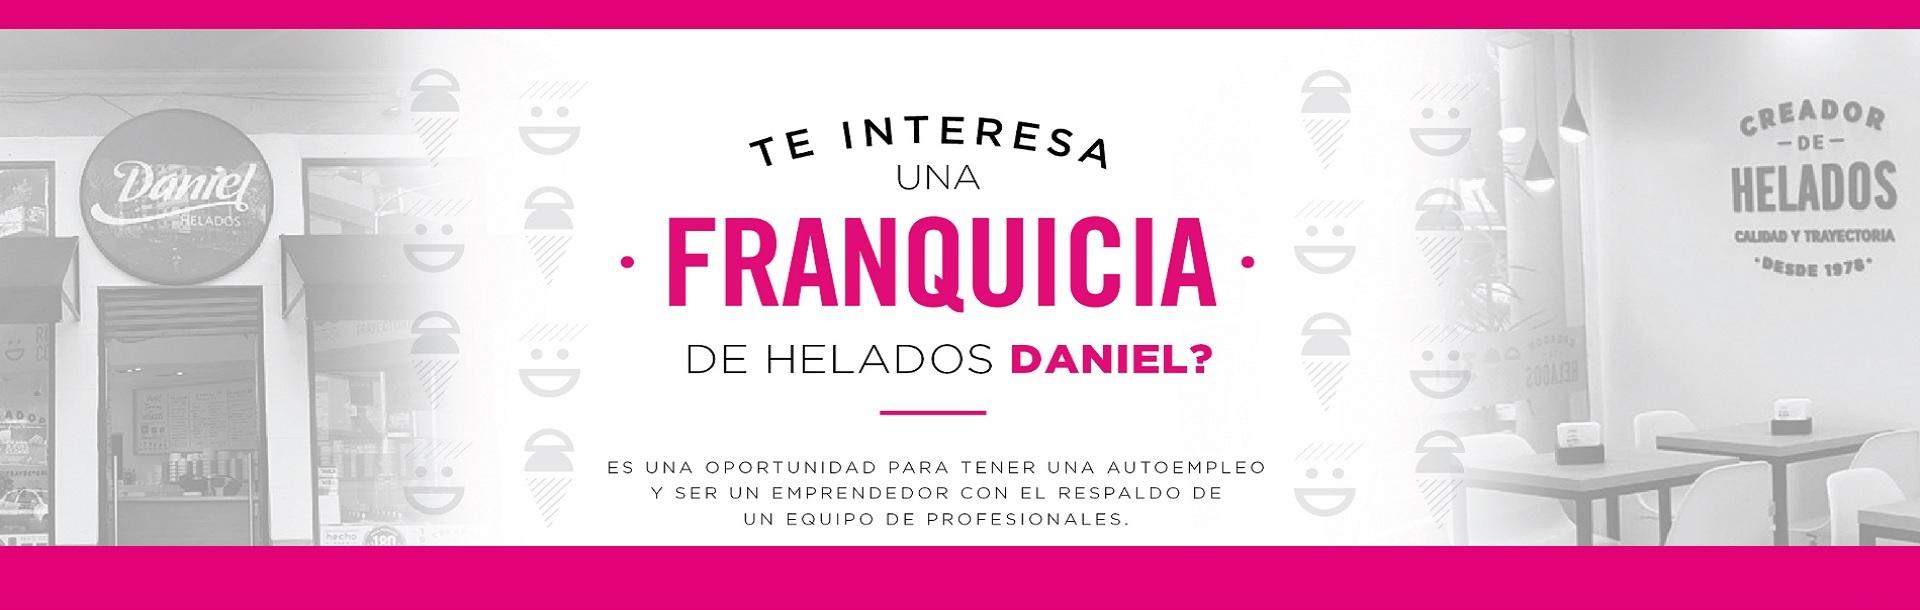 Franquicia Daniel Helados